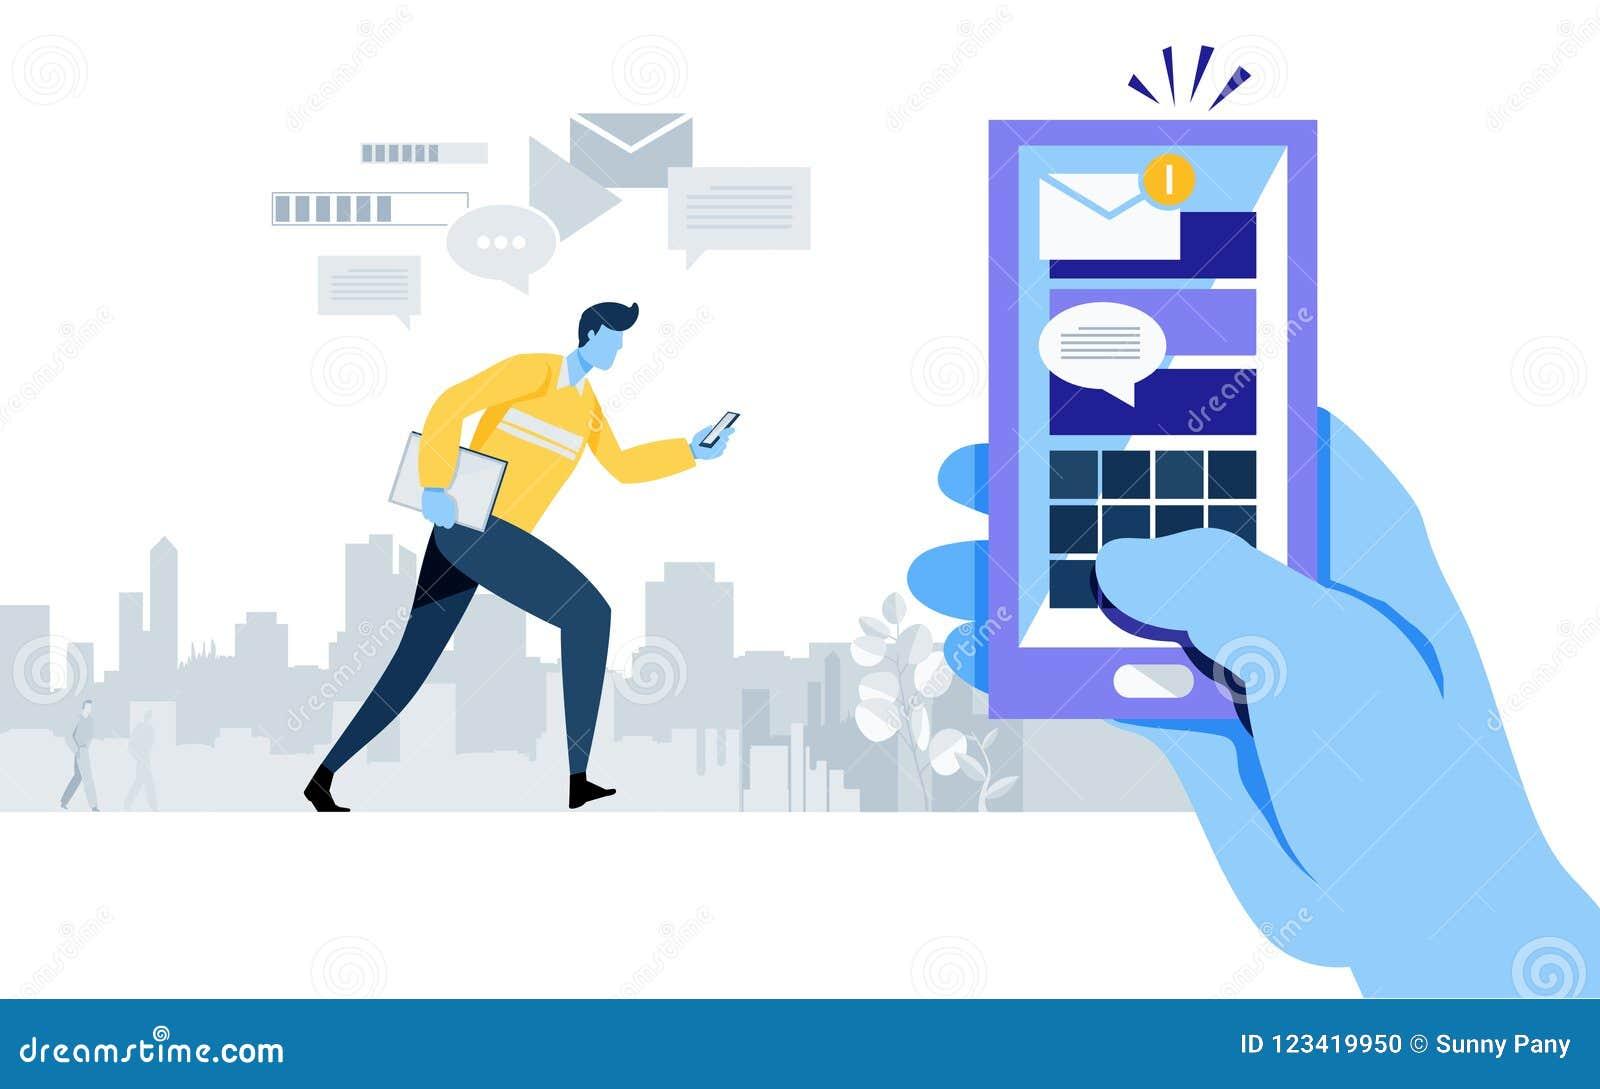 Fången ny mejl meddelandevarning Smartphone applikation Online-anslutning Överför meddelandet samla ihop kommunikationsbegreppsko